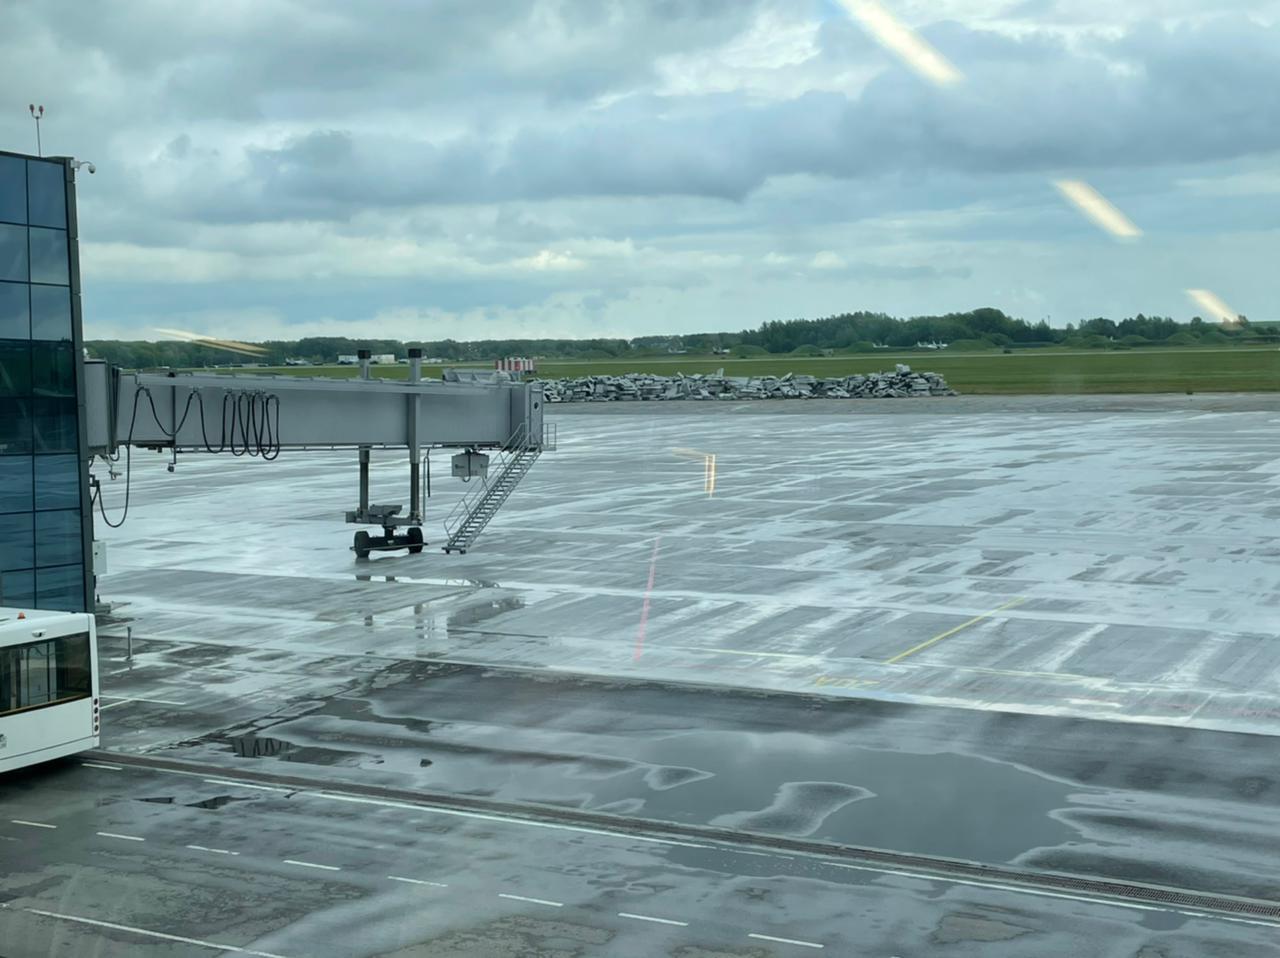 Подрядчик реконструкции аэропорта выплатил штраф за угрозу жизни людям